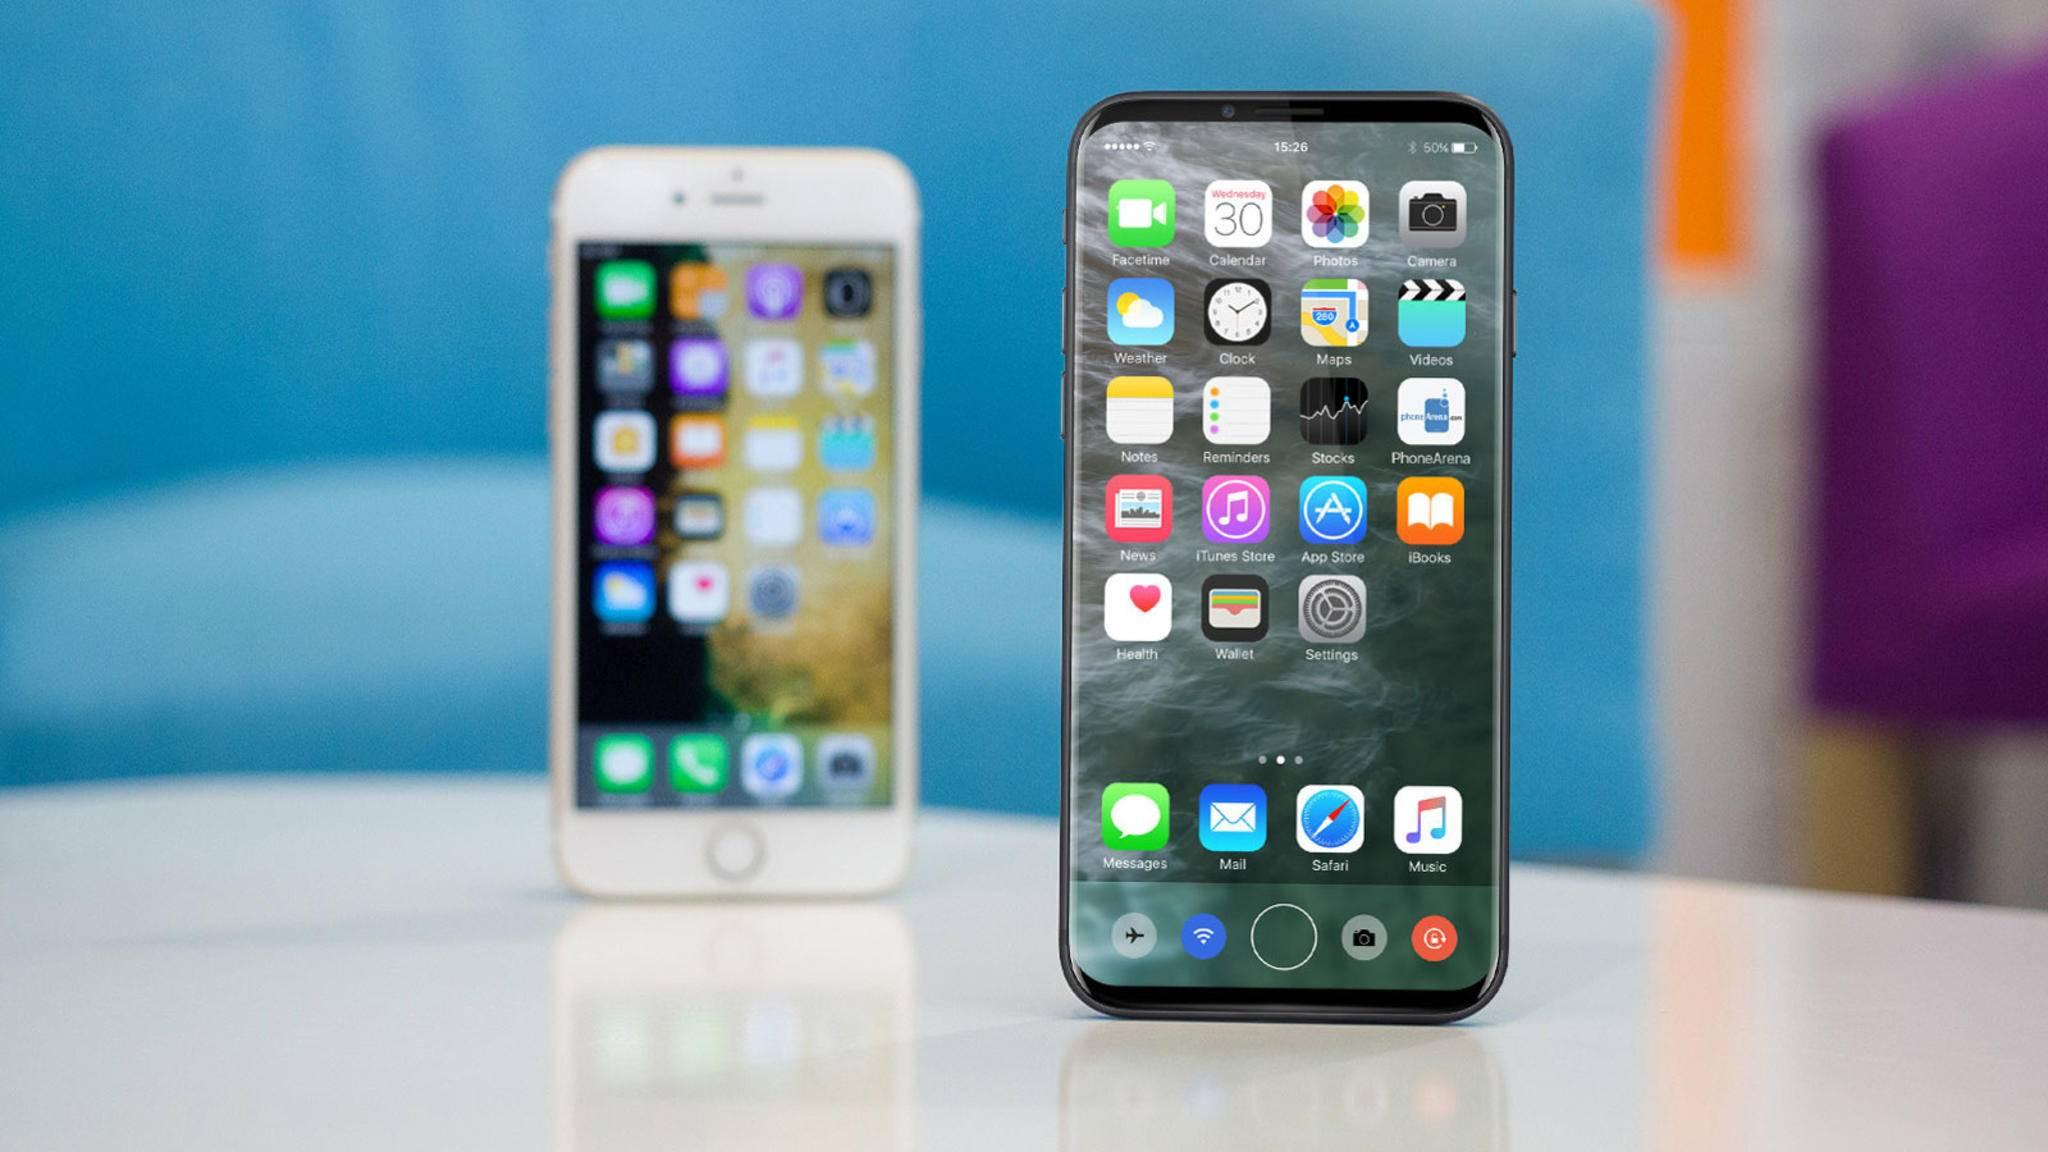 Touch ID direkt im Display und vertikale Dual-Kamera auf der Rückseite: Das iPhone 8 dürfte vieles neu machen.